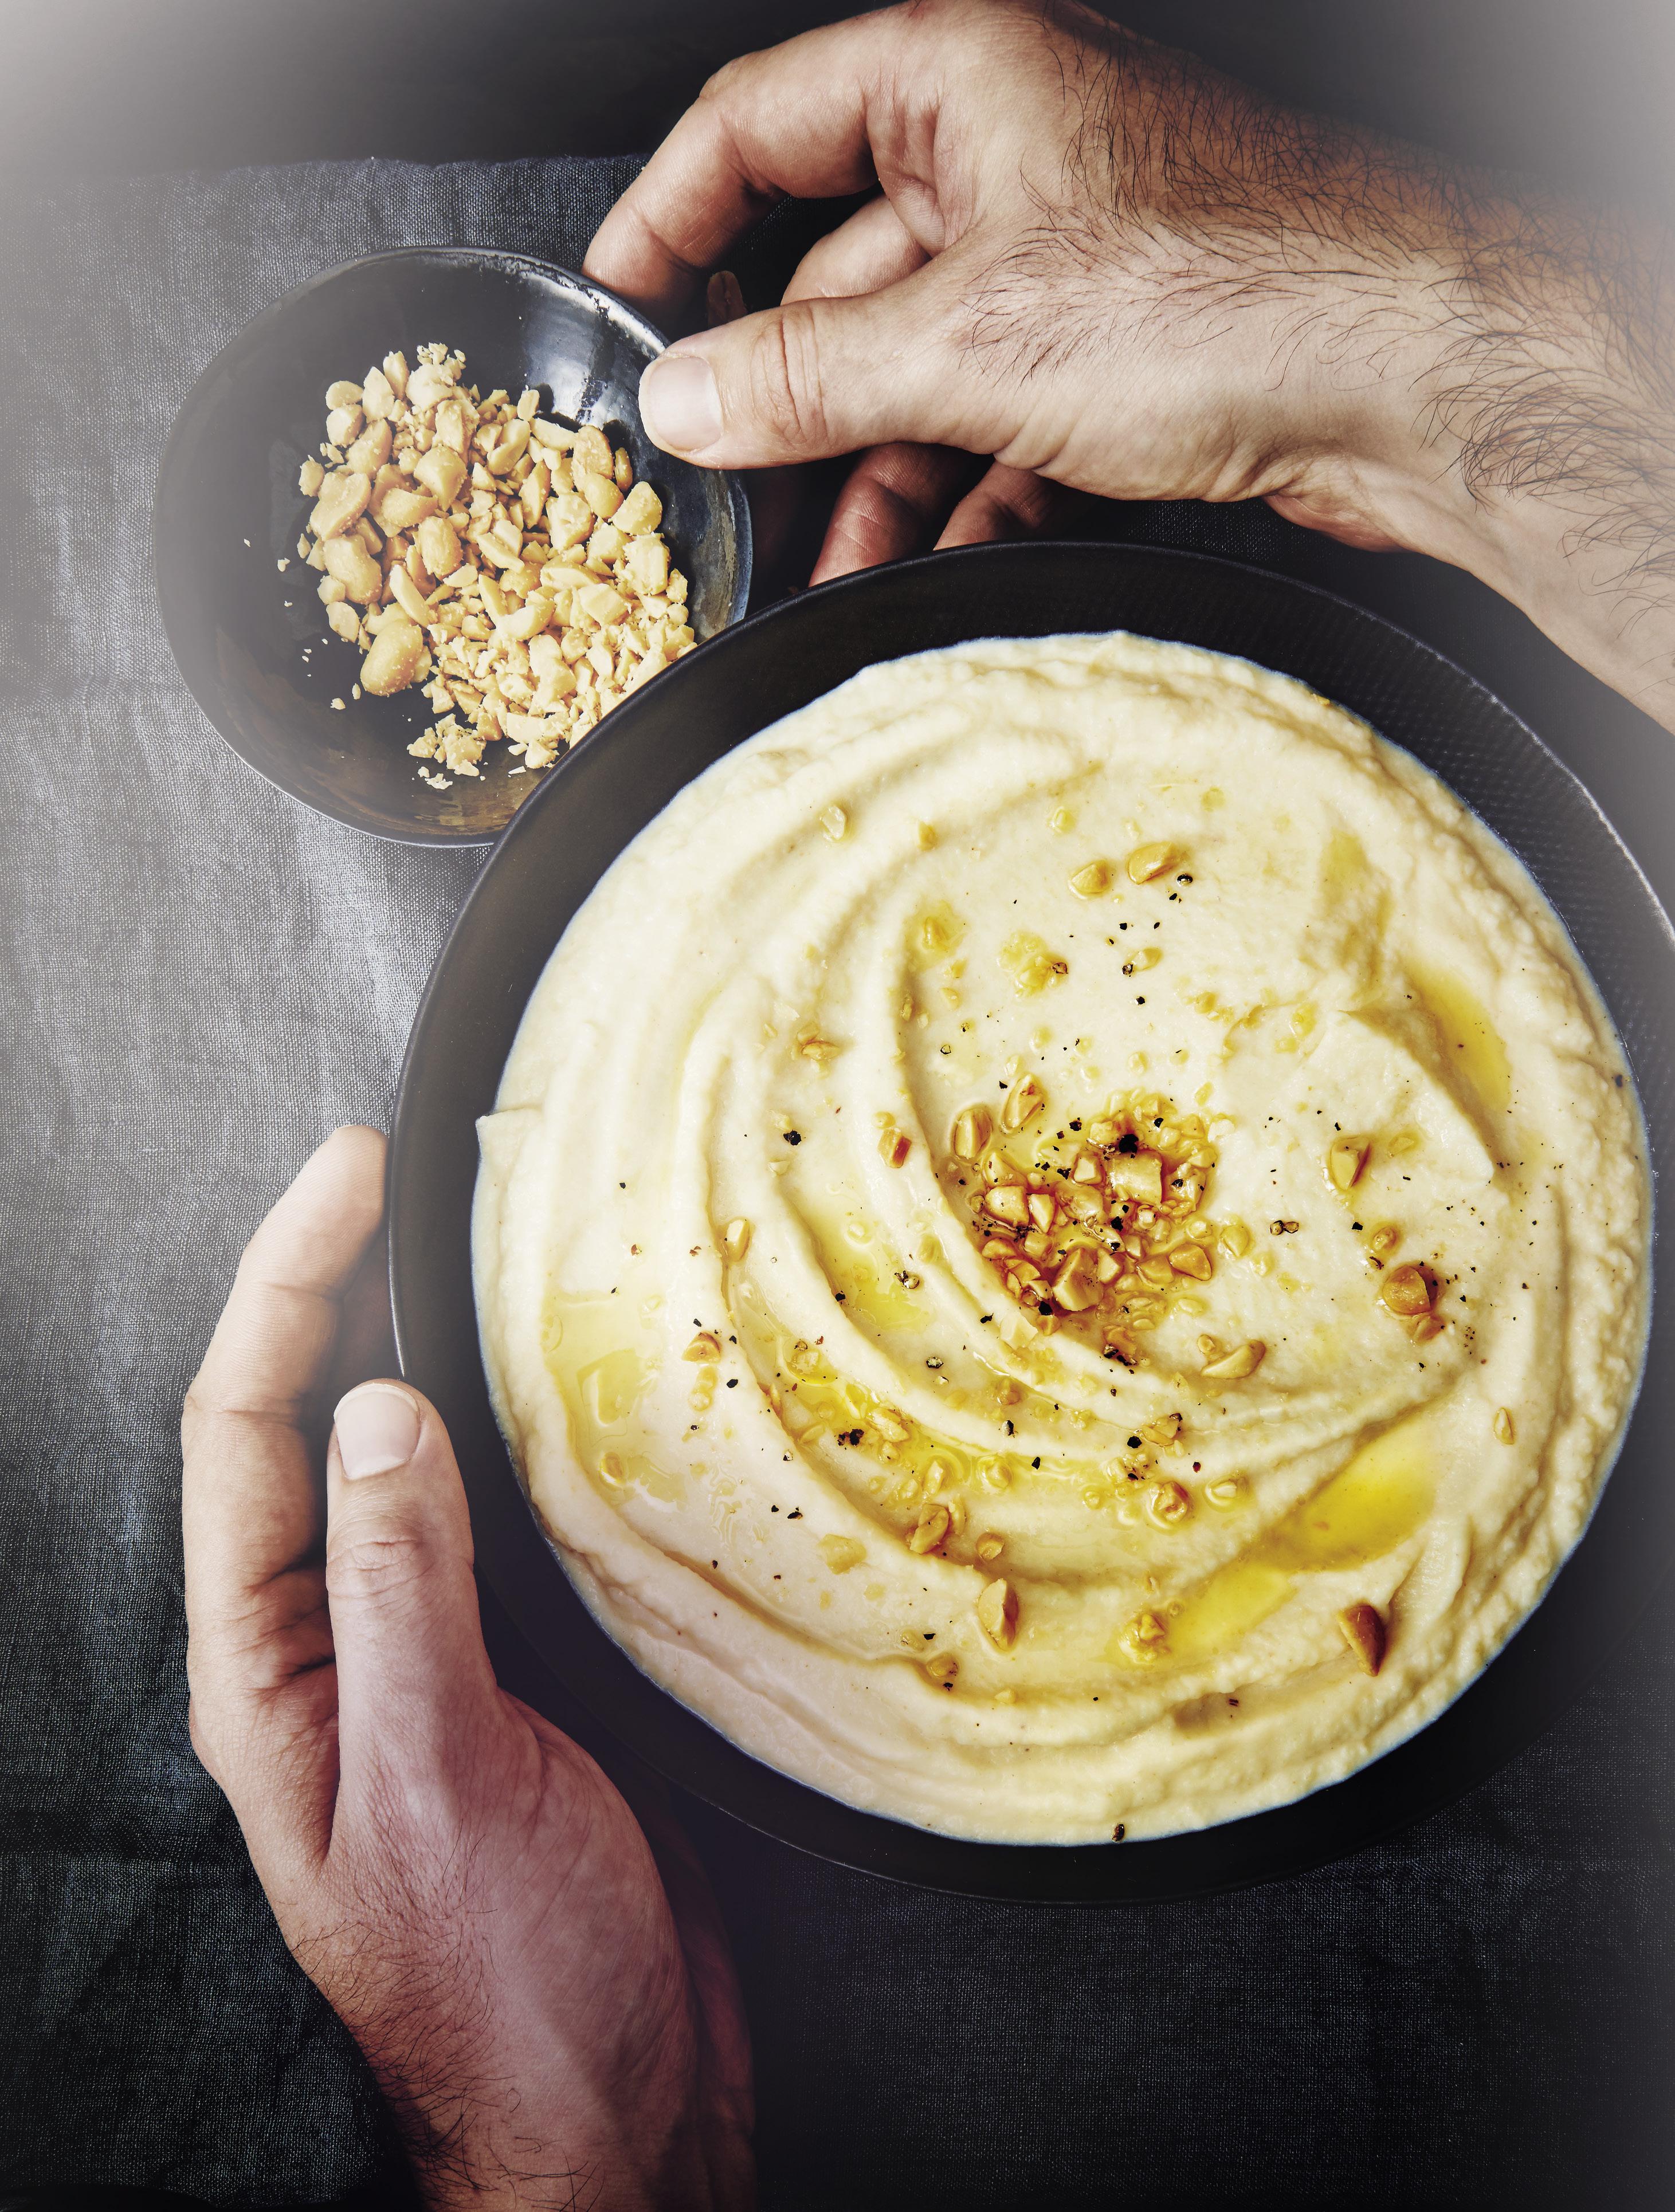 Purée De Célerirave Aux Cacahuètes Pour Personnes Recettes Elle - Cuisiner celeri rave